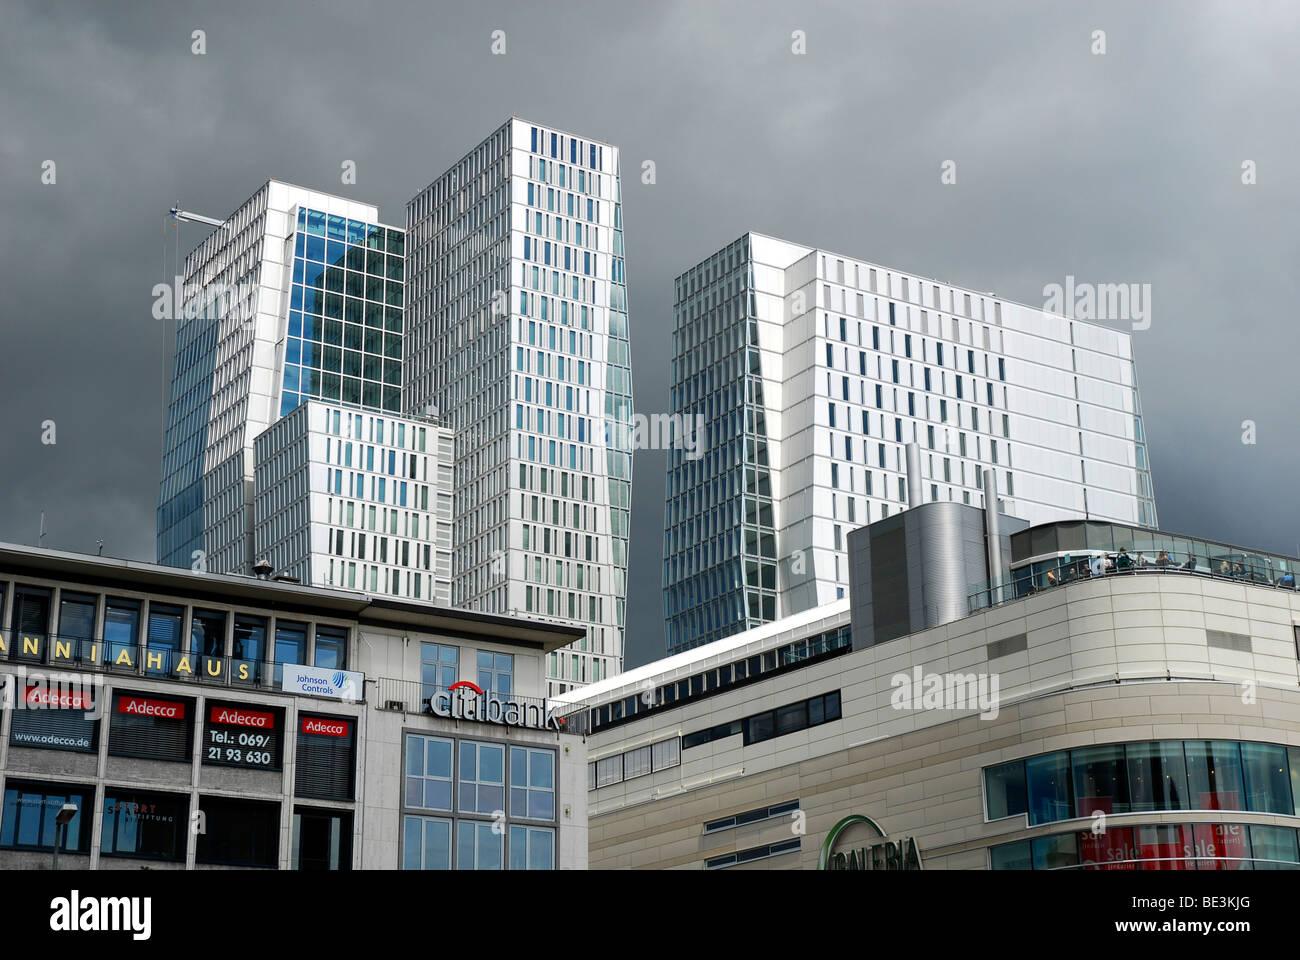 Dunkle Wolken über das moderne Büro-Turm im Stadtteil PalaisQuartier, Palais Quartier, FrankfurtHochVier, Frankfurt Stockfoto